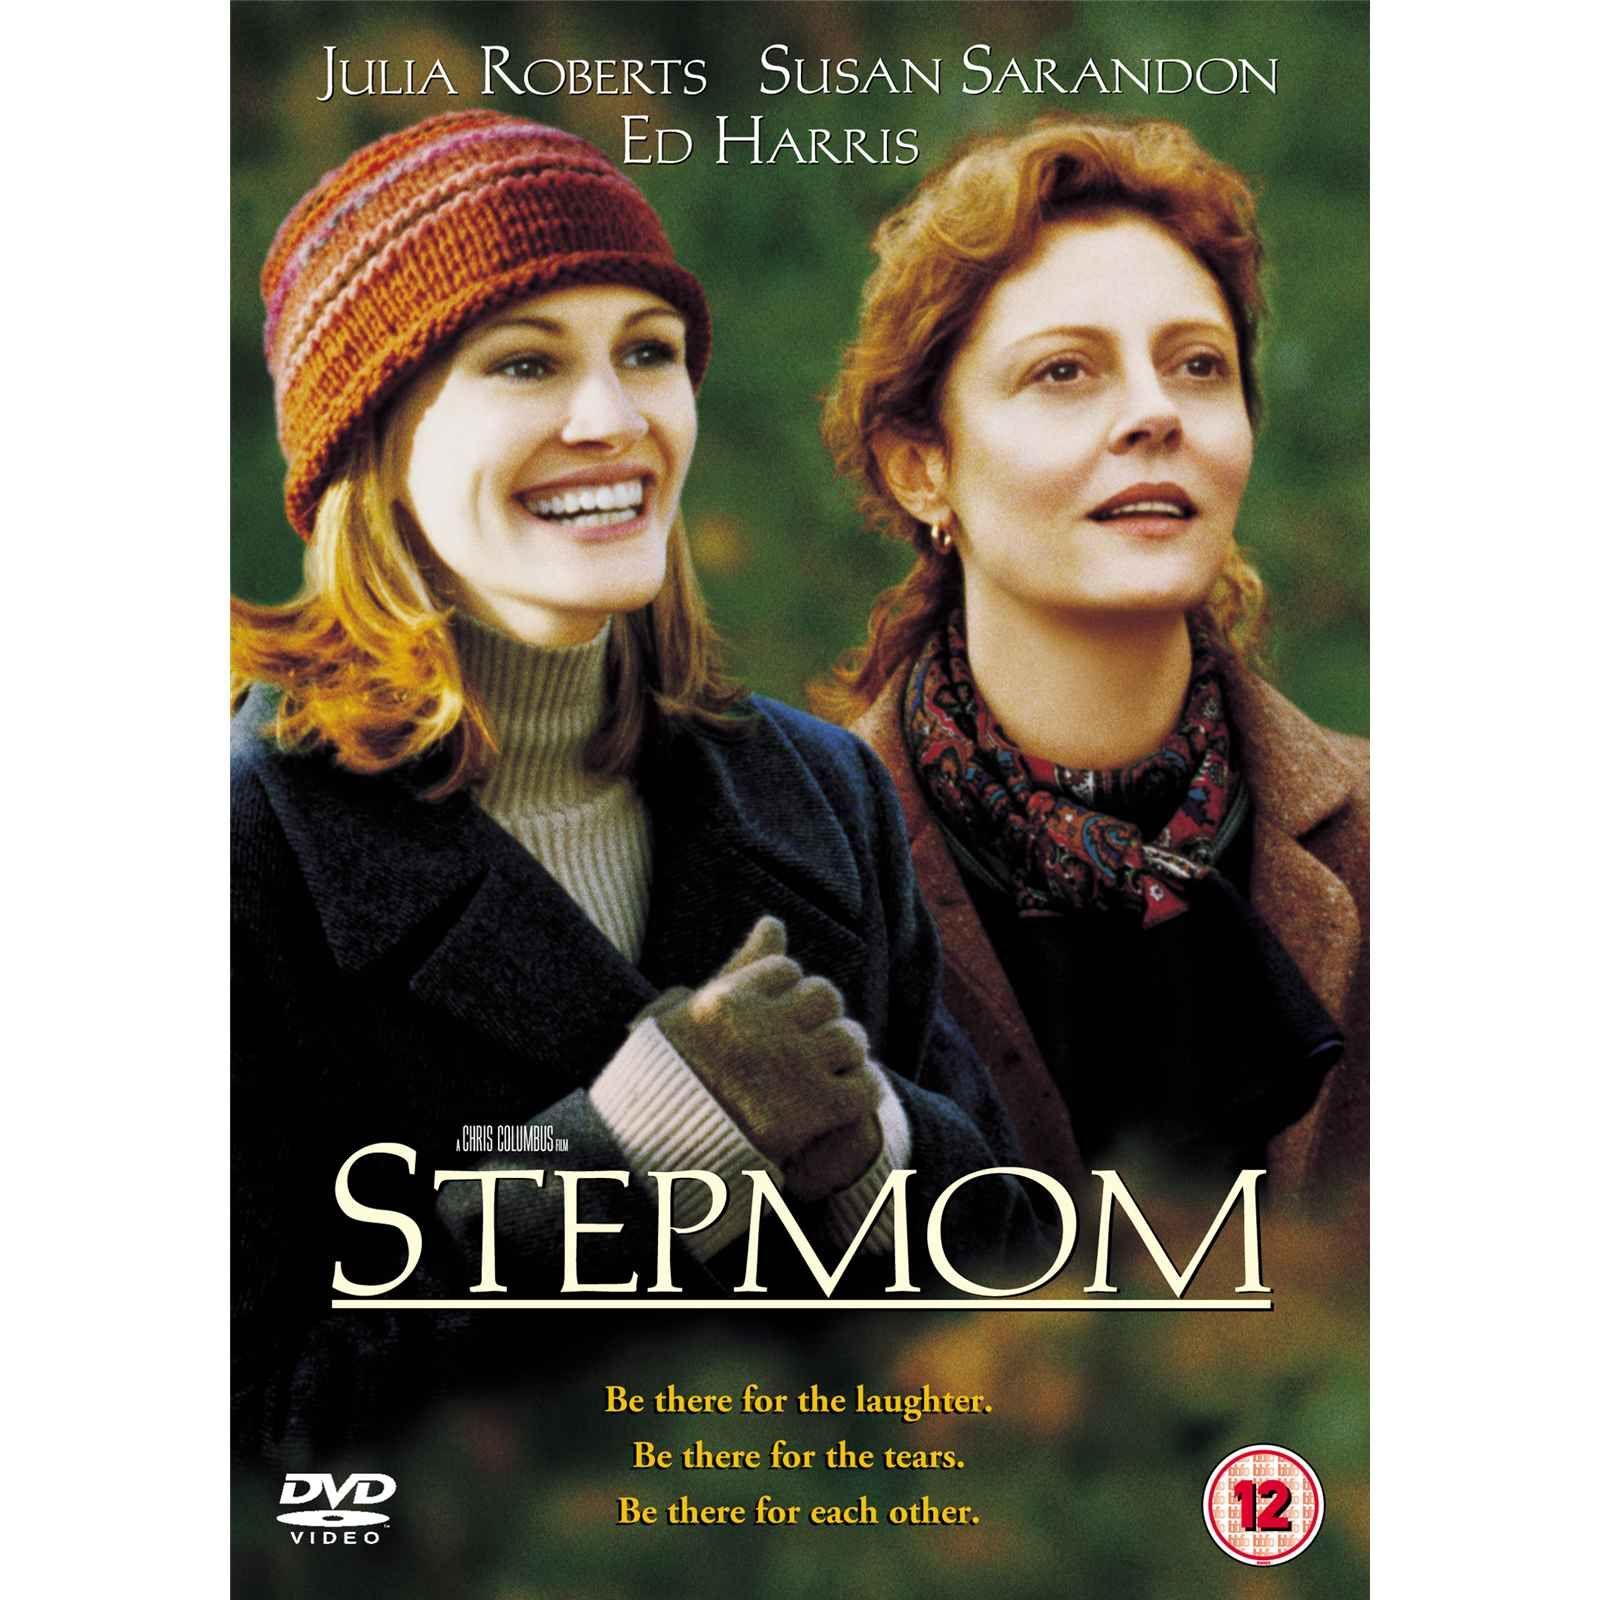 Stepmom A Beautiful Story About Motherhood Love Sacrifice